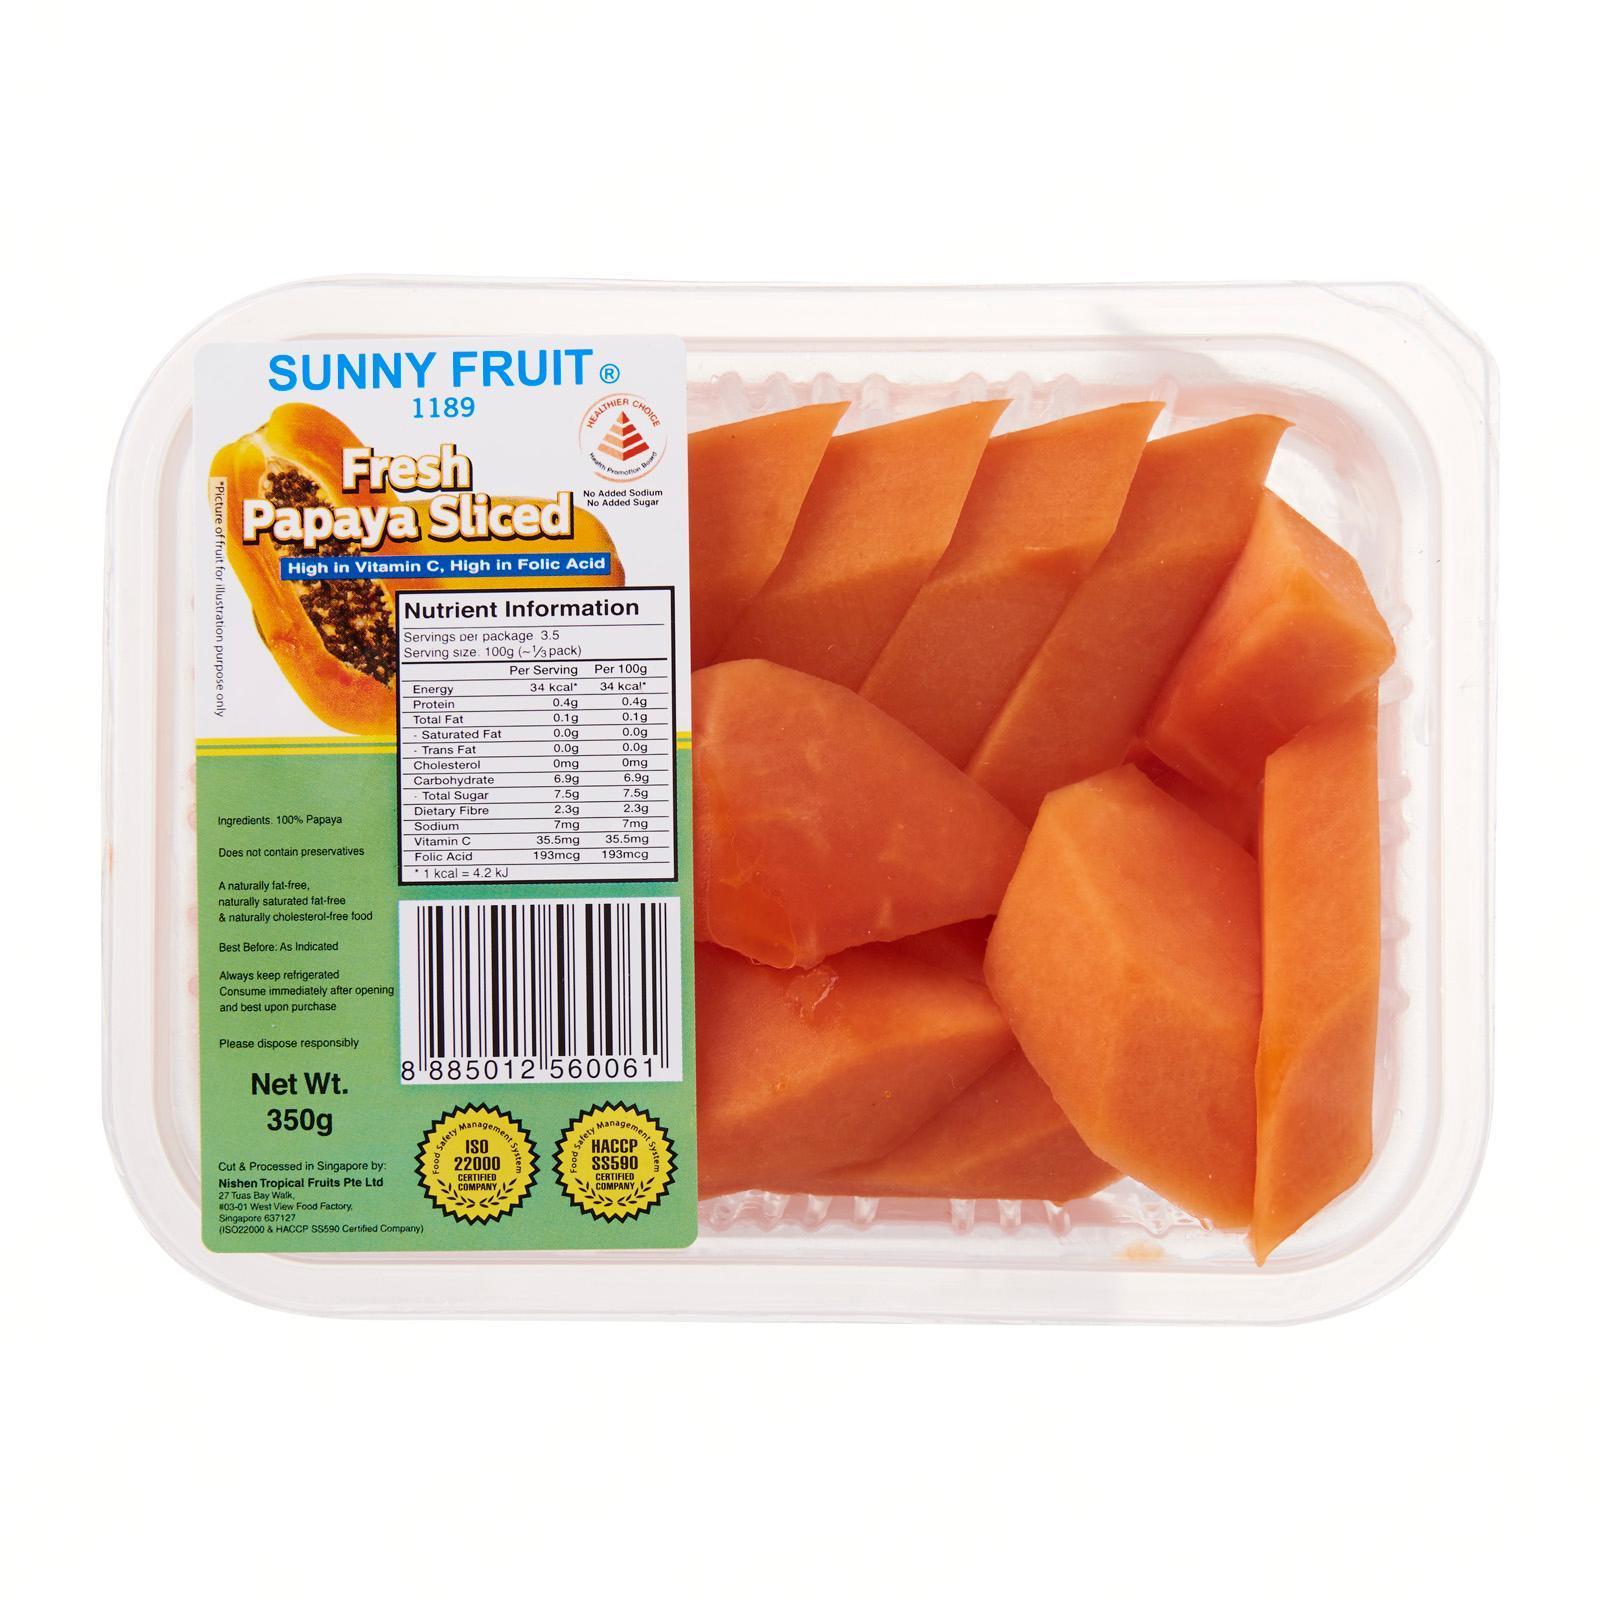 Sunny Fruit Fresh Papaya Sliced